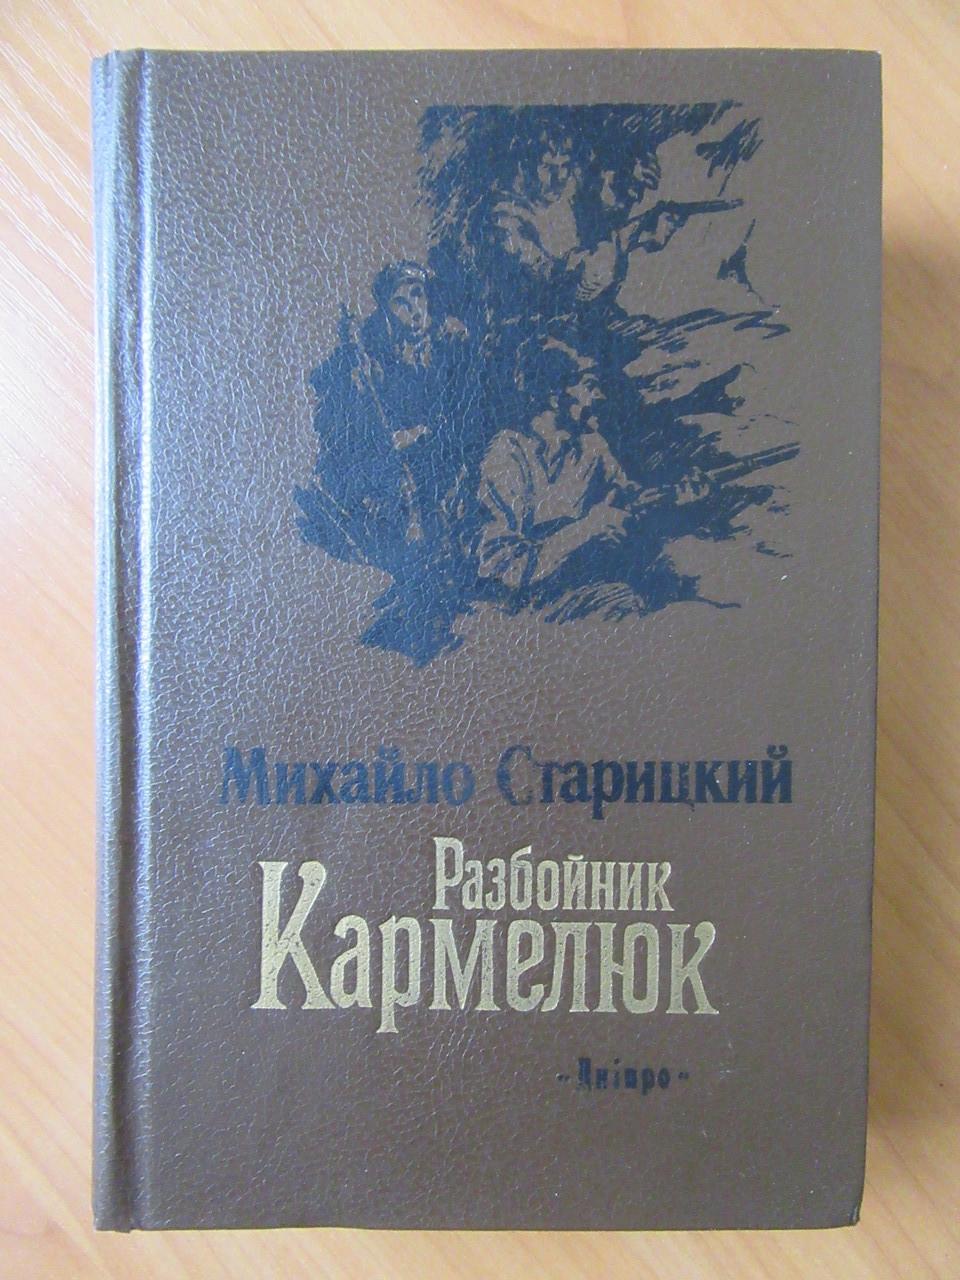 Михайло Старицкий. Разбойник Кармелюк